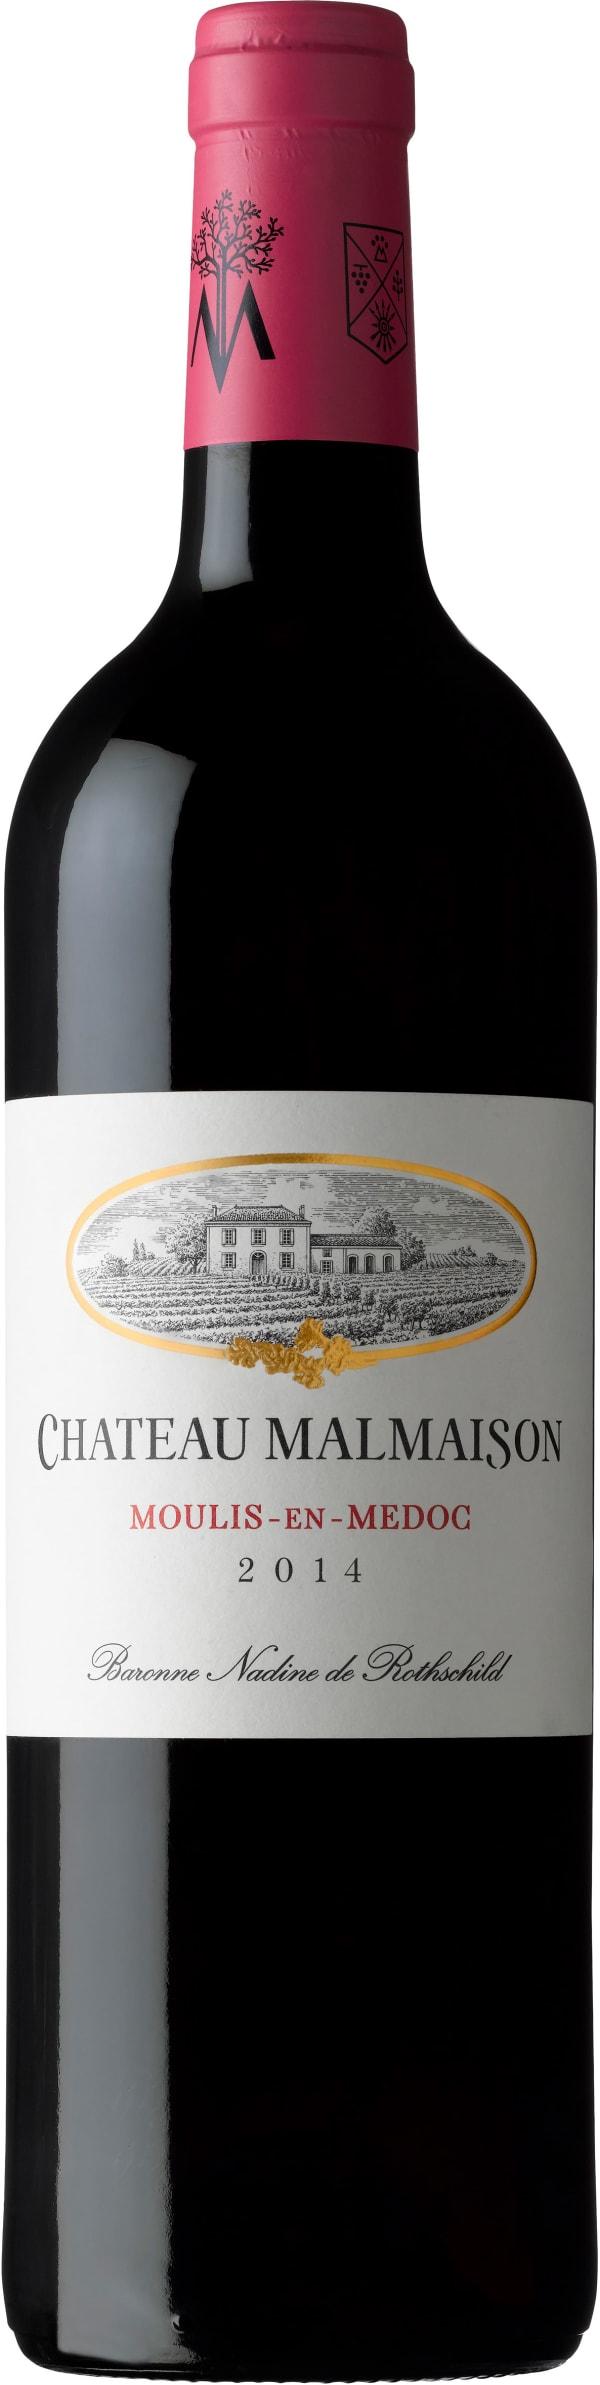 Chateau Malmaison 2010